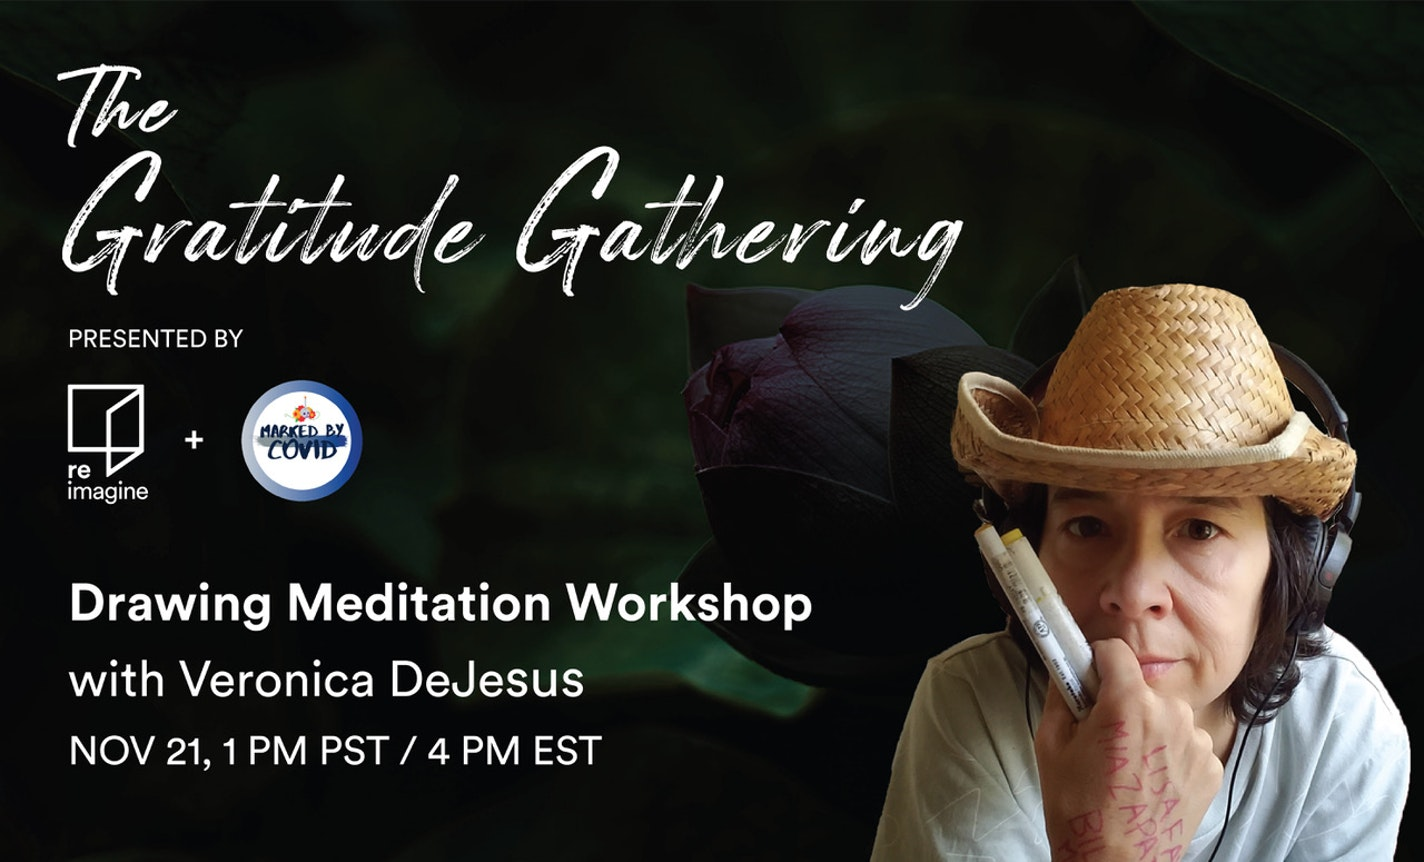 The Gratitude Gathering: Drawing Meditation Workshop